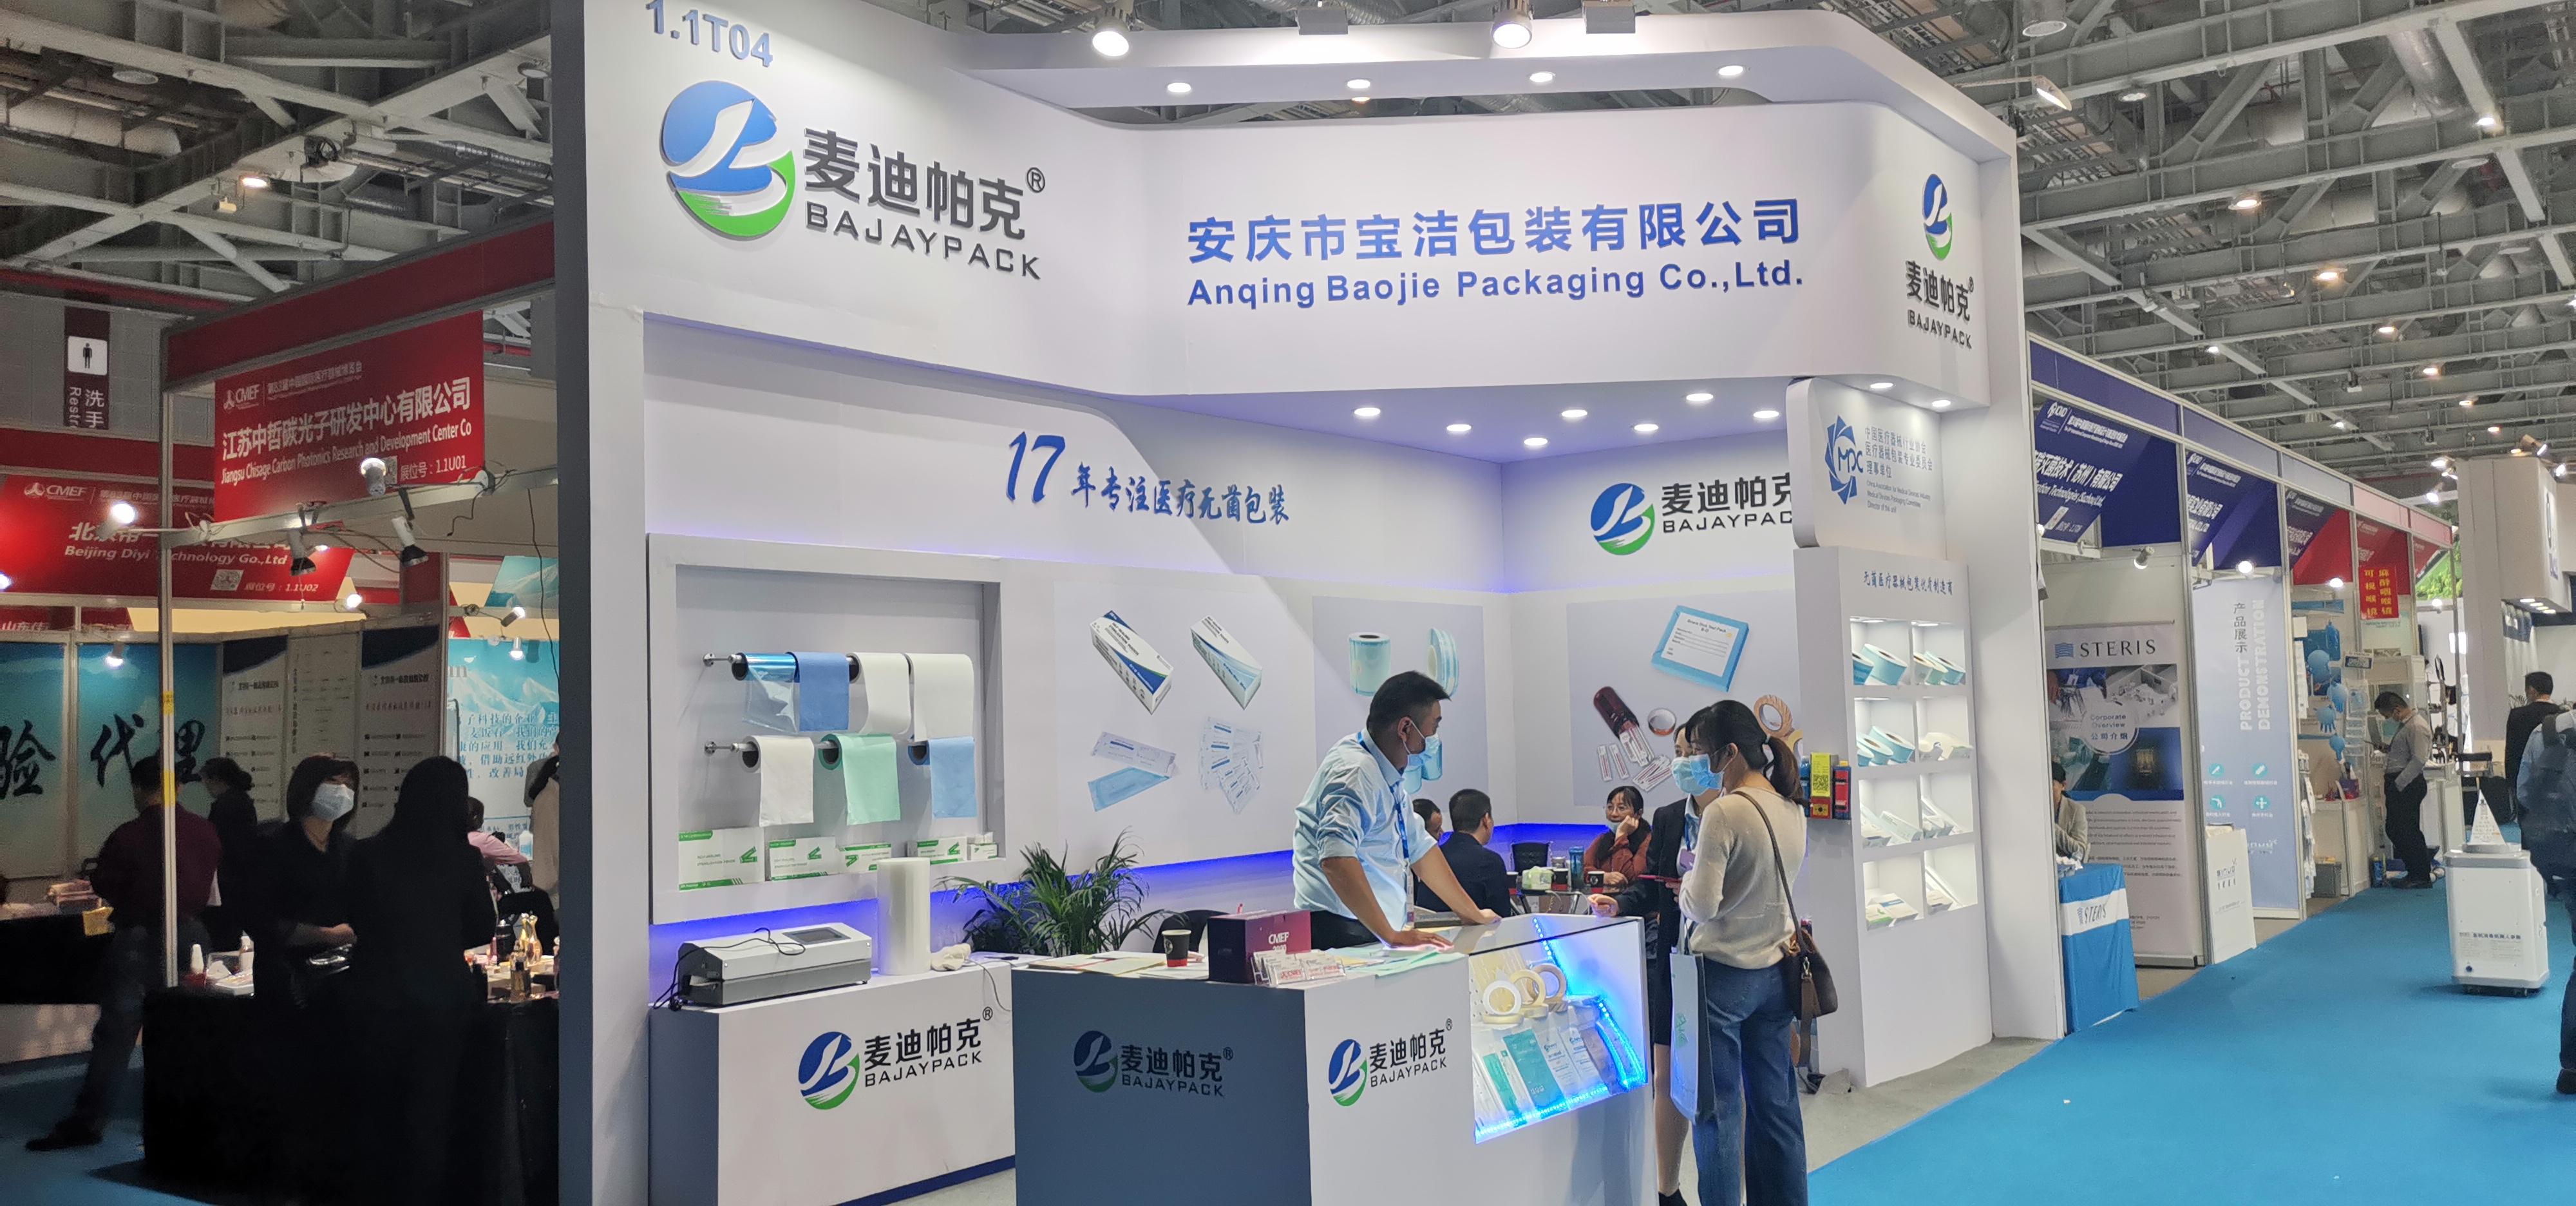 安慶寶潔包裝有限公司參加83屆中國國際醫療器械博覽會